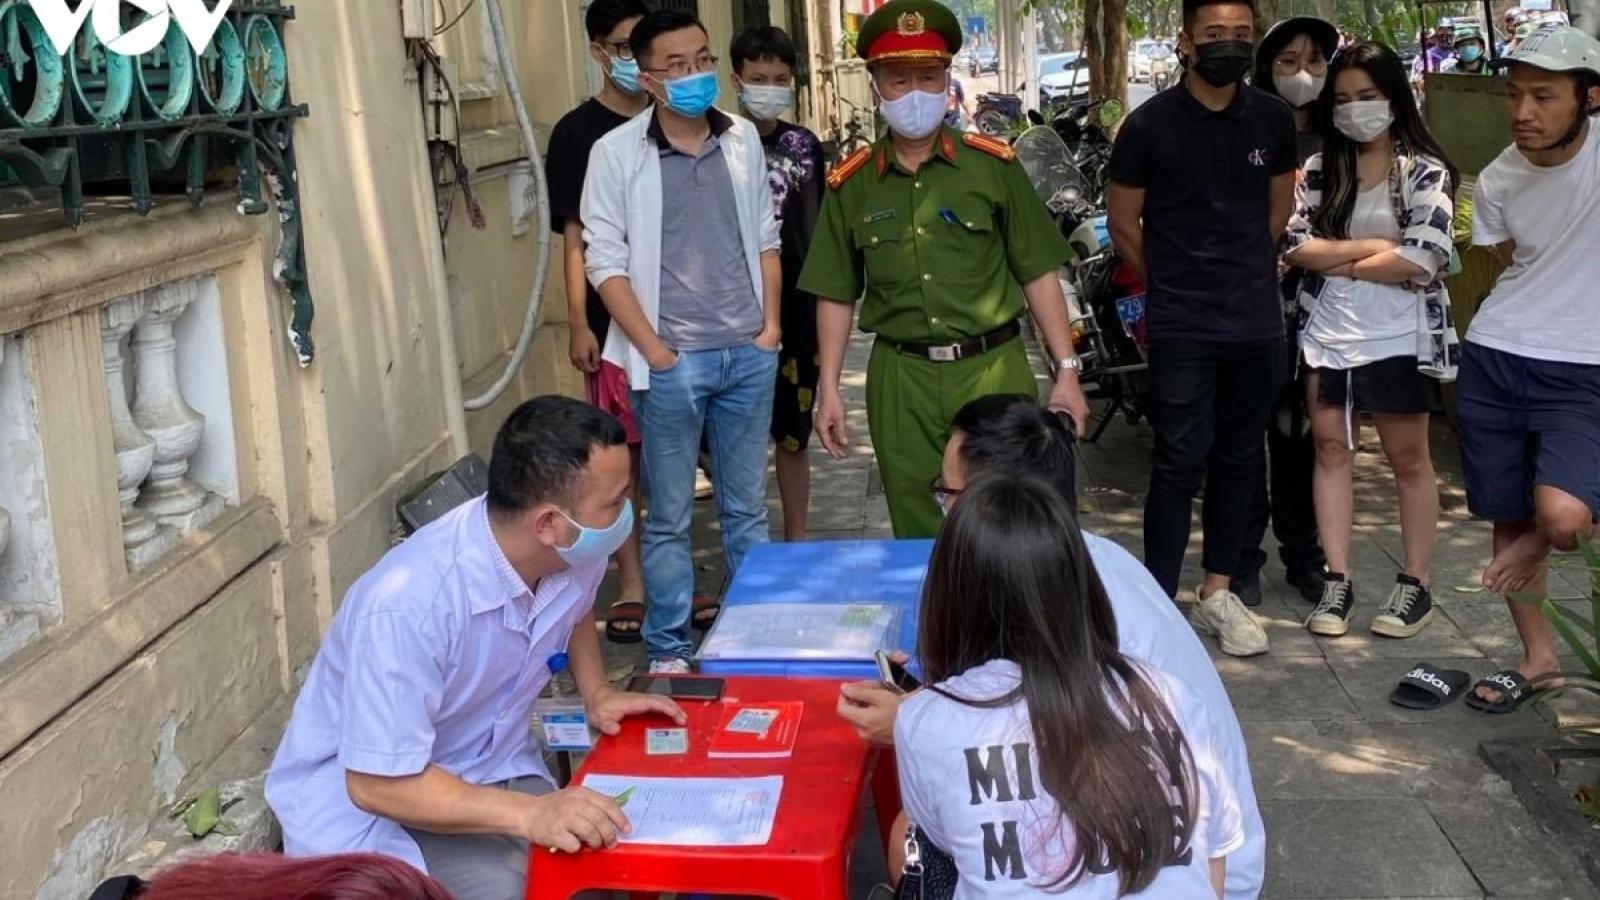 Hà Nội xử phạt hơn 2,2 tỷ đồng các trường hợp không đeo khẩu trang